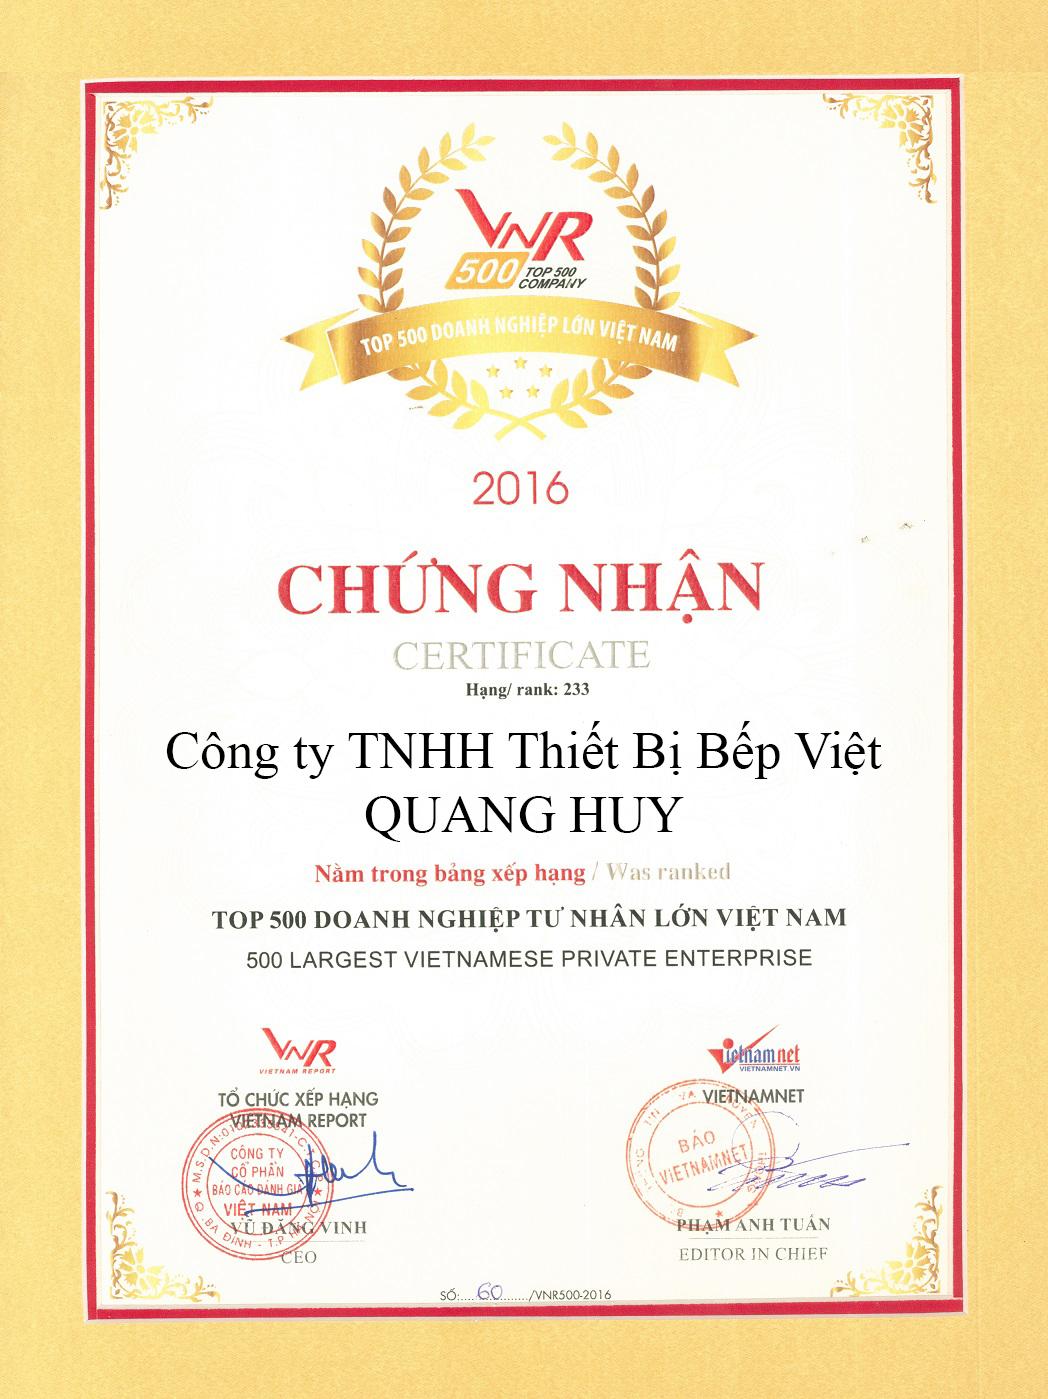 Những thành tích của Quang Huy luôn được công nhận